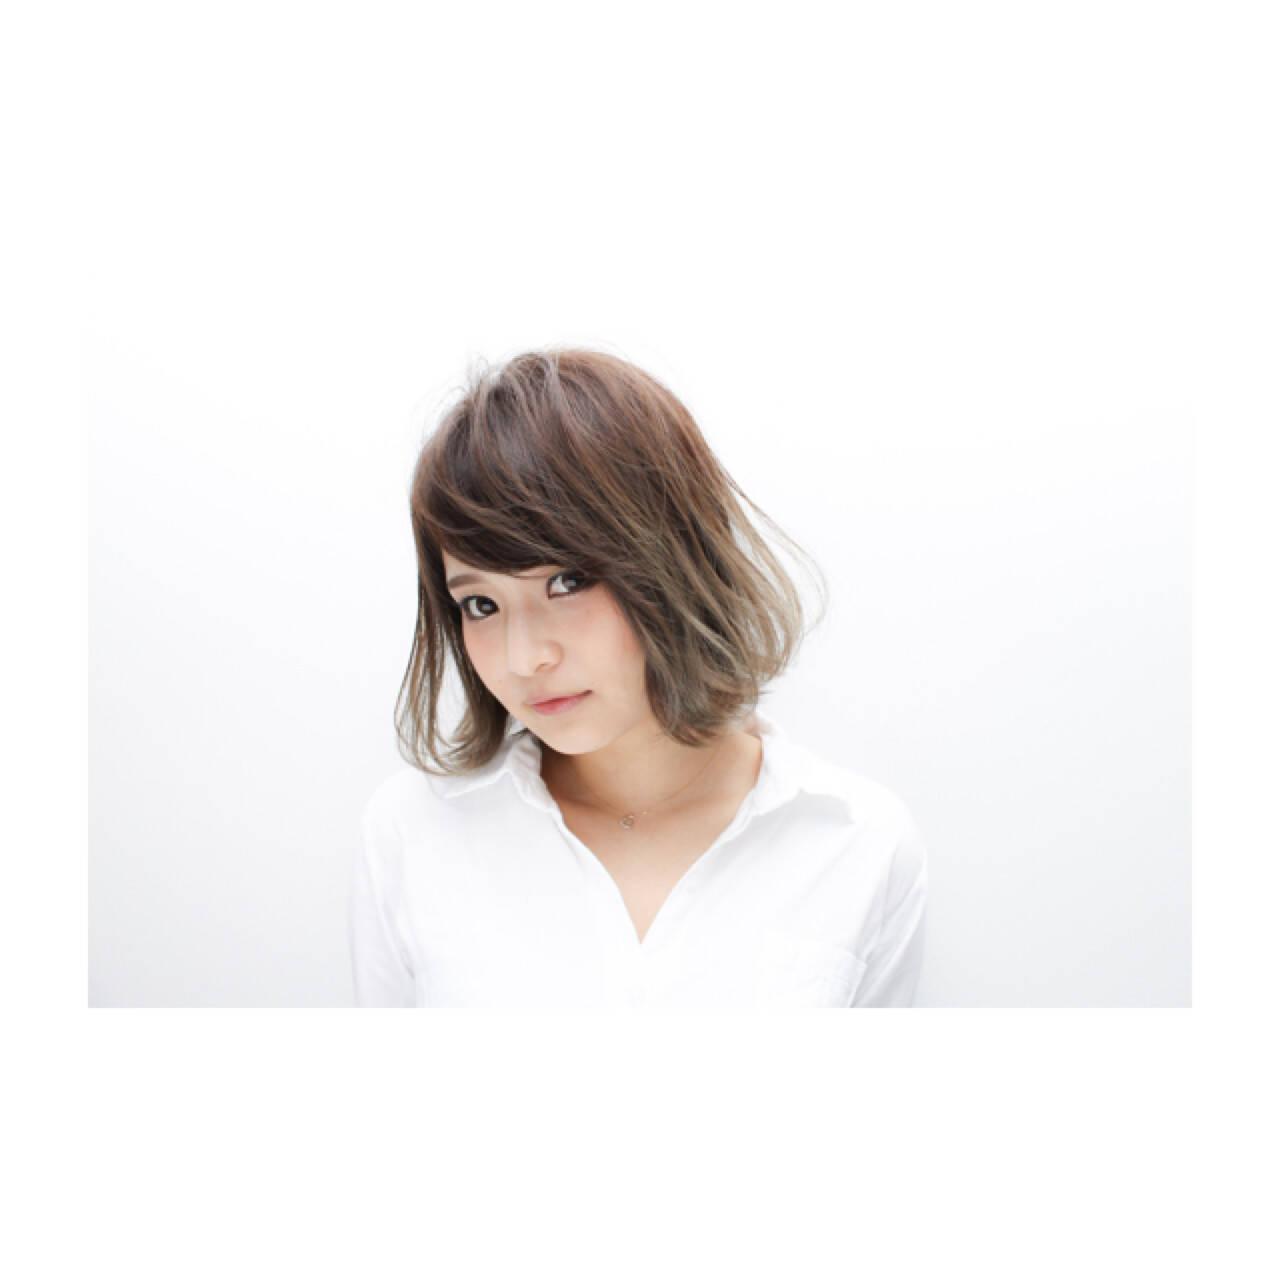 透明感 色気 ボブ フェミニンヘアスタイルや髪型の写真・画像